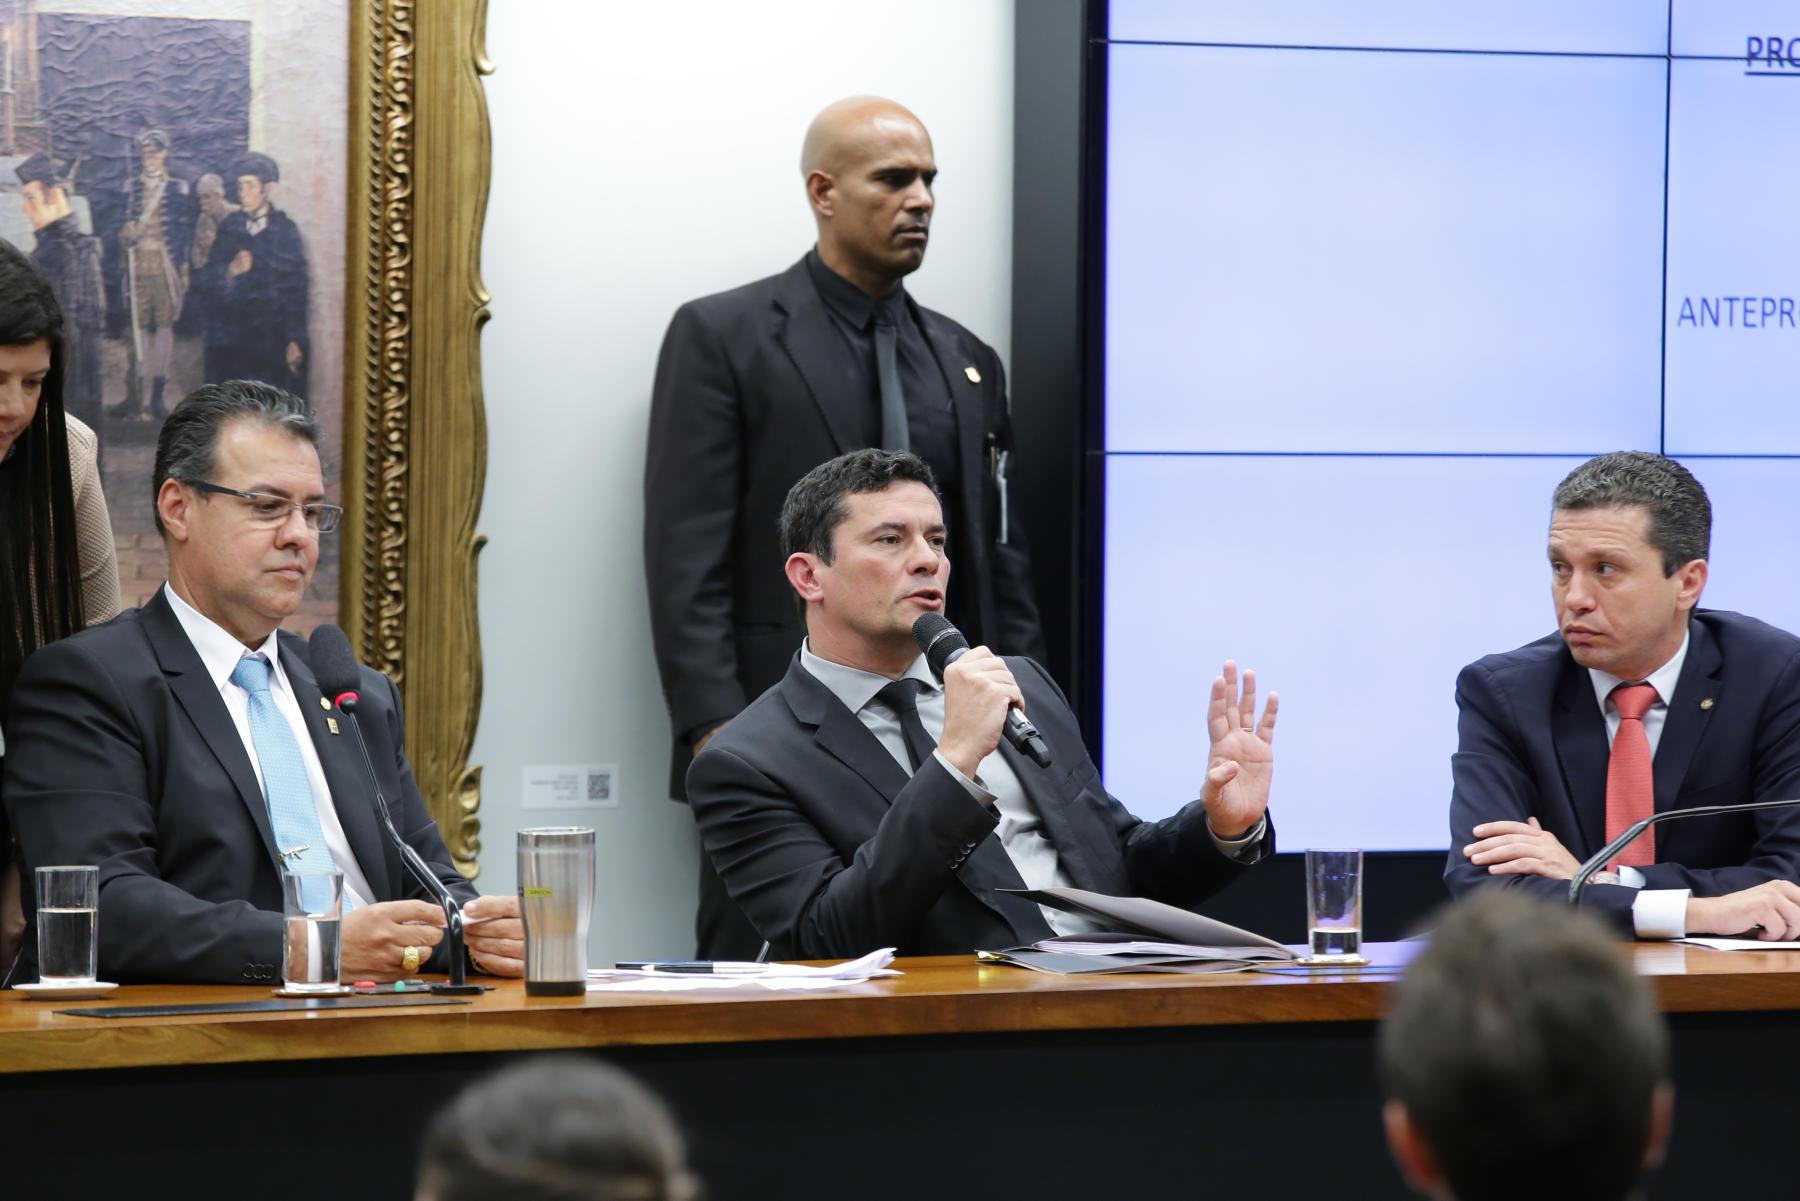 Pinato participa de debate sobre lei anti-crime com Ministro Sérgio Moro